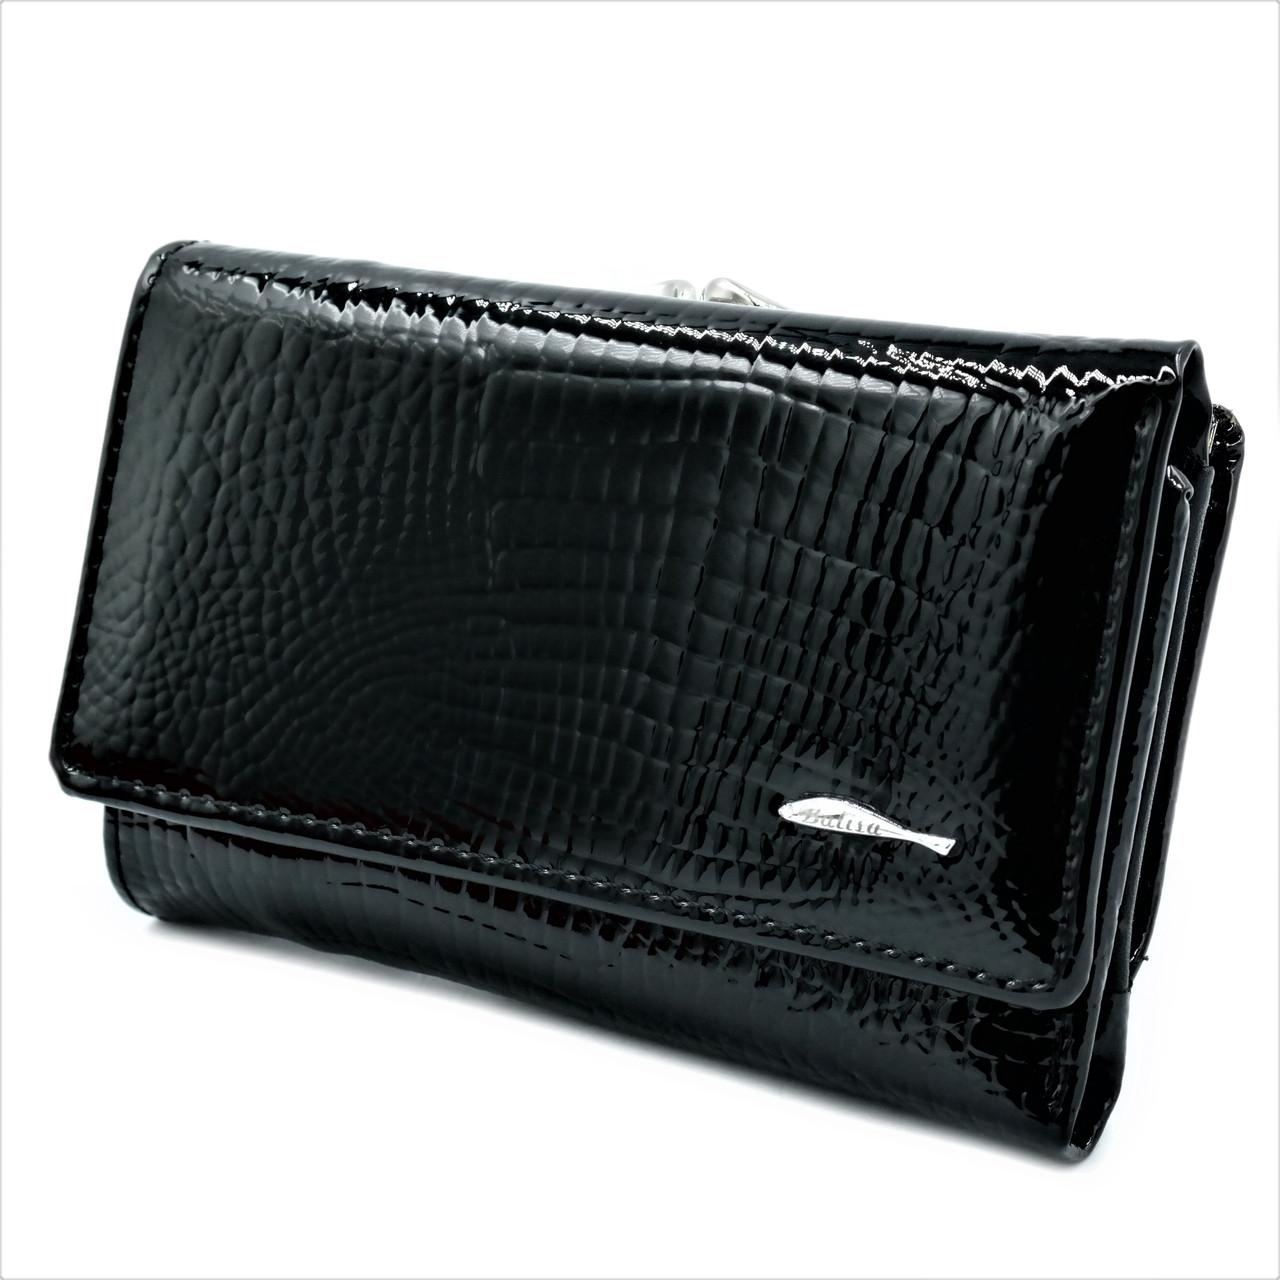 Женский кожаный кошелек Чёрный Качественный кошелек из натуральной кожи Женский кошелек Небольшой кошелек